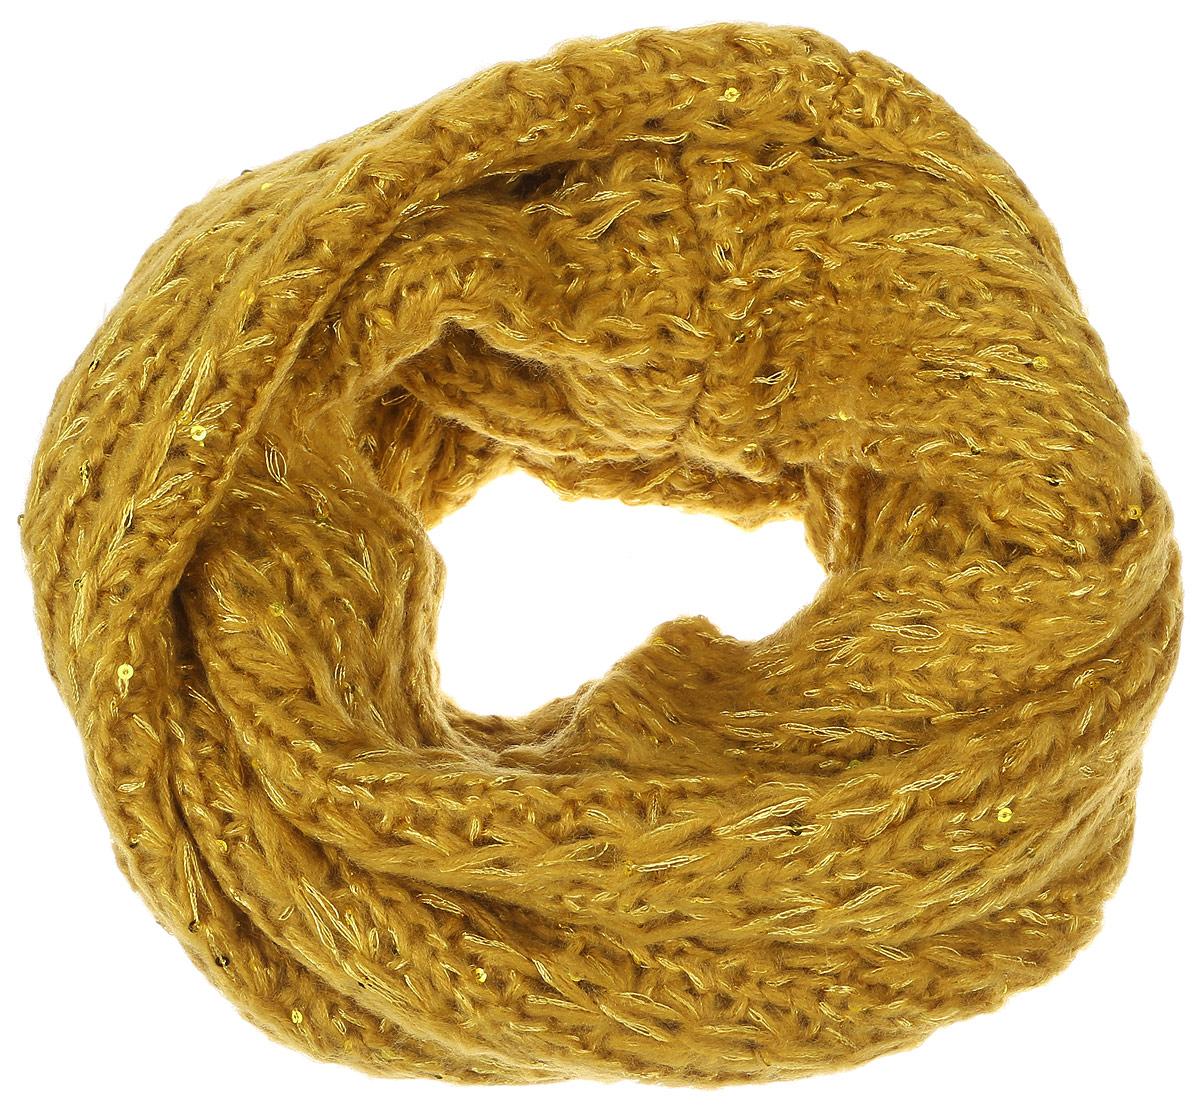 Снуд-хомут женский. SC-142/445-6302SC-142/445-6302Стильный снуд-хомут Sela, выполненный из акрила и полиэстера, создан подчеркнуть ваш неординарный вкус и согреть вас в прохладное время года. Снуд-хомут можно носить на голове, на шее и груди. Высокое качество материала максимально сохраняет тепло и обеспечивает удобную посадку. Модель отличается невероятной легкостью и мягкостью. Снуд-хомут украшен пайетками. Этот модный аксессуар гармонично дополнит образ современной женщины, которая стремится всегда оставаться стильной и элегантной.